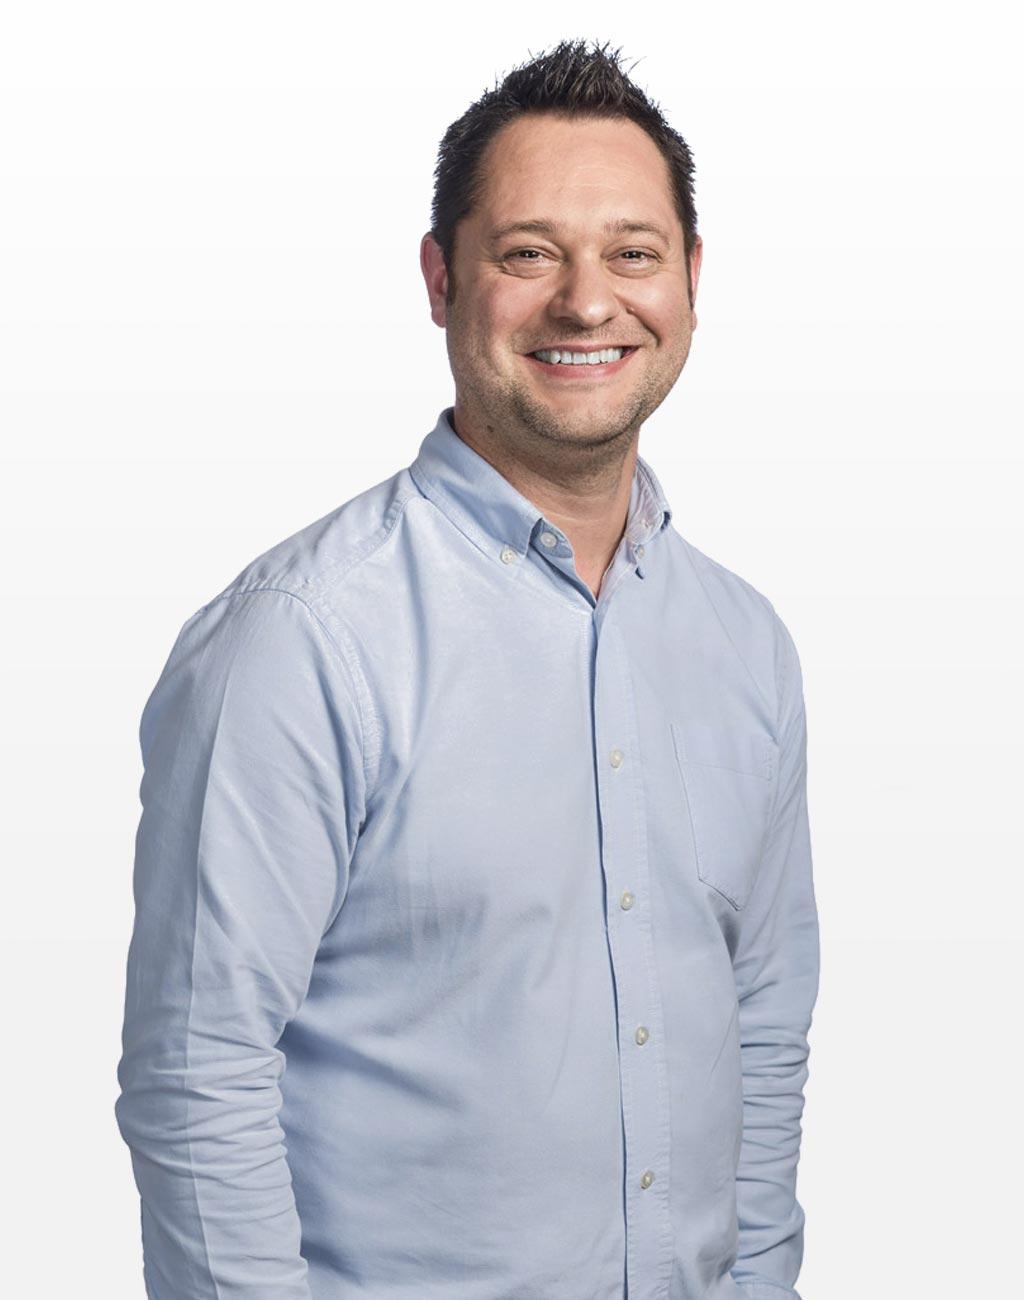 Gavin Gillson